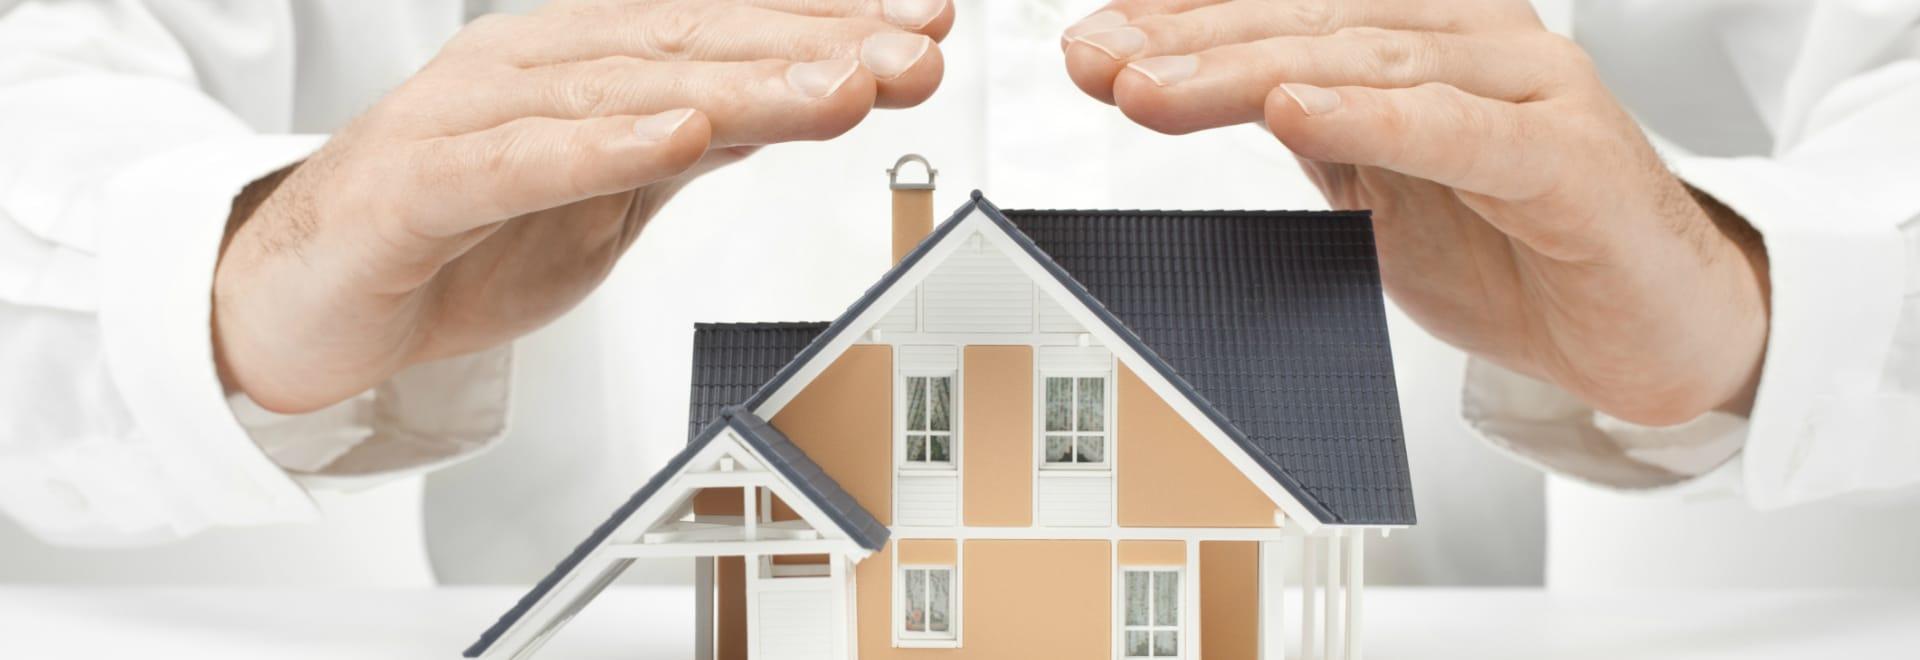 Quand et comment doit-t-on souscrire une assurance dommages-ouvrage ?